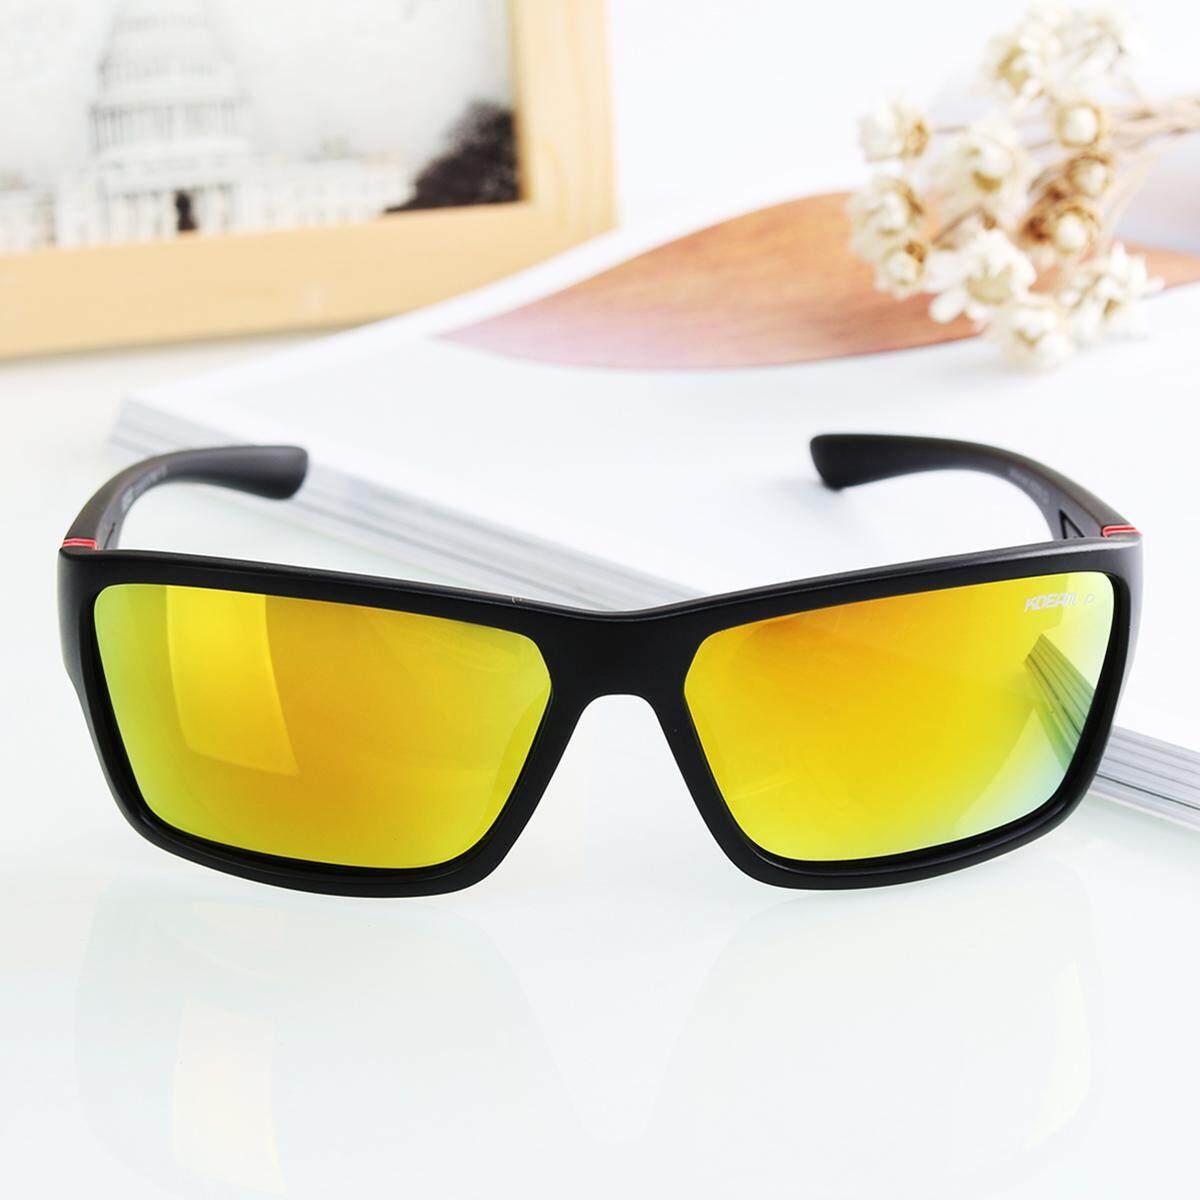 Rp 165.000 2 X Kdeam Kacamata Terpolarisasi Kacamata Hitam Retro Persegi ...